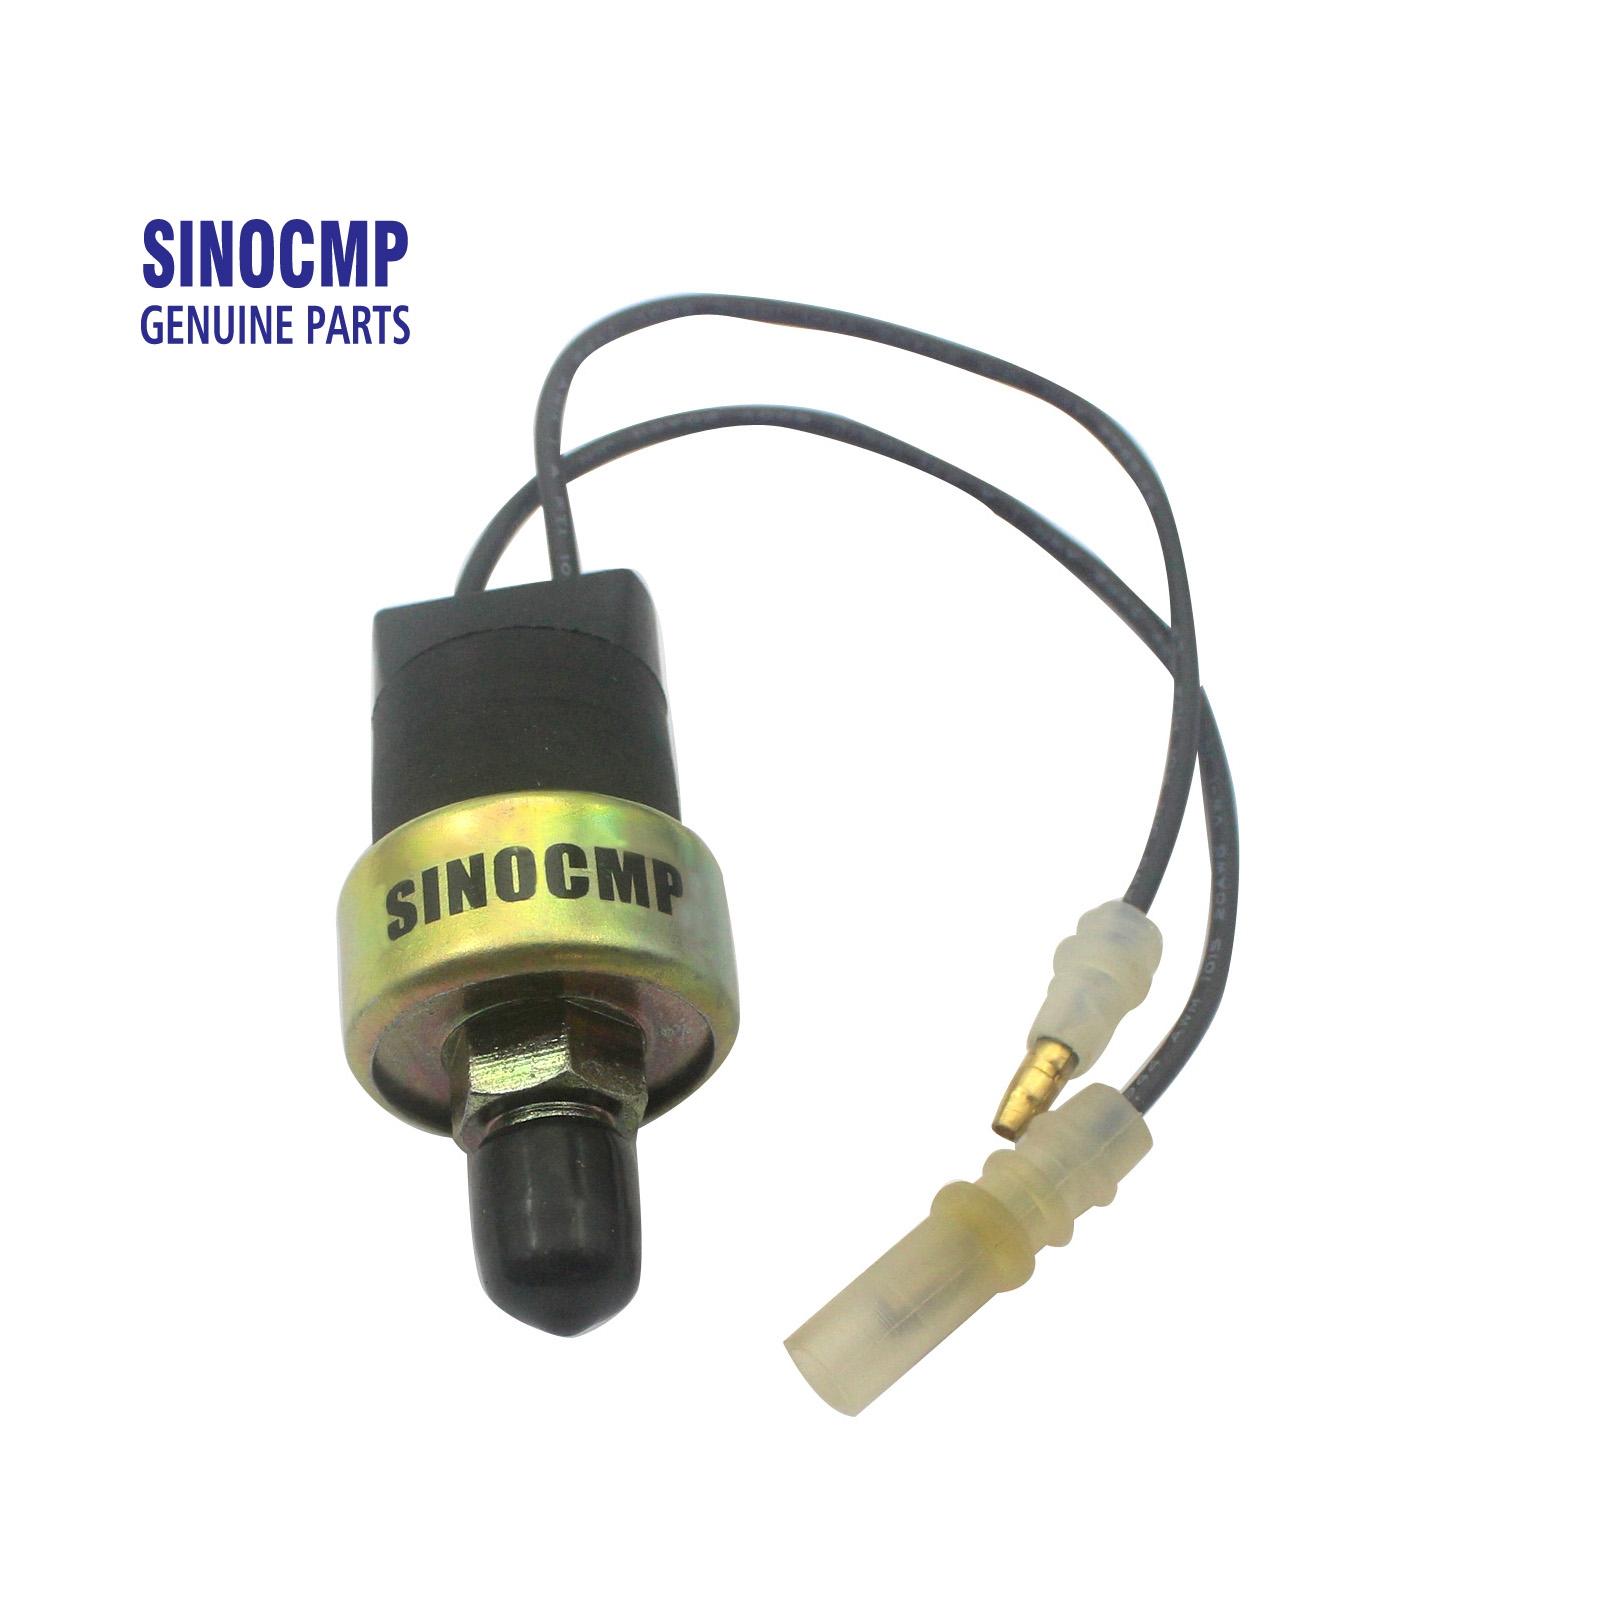 New Oil Pressure Sensor for Hitachi Excavator EX200-2 EX200-3 EX300-3 4259333